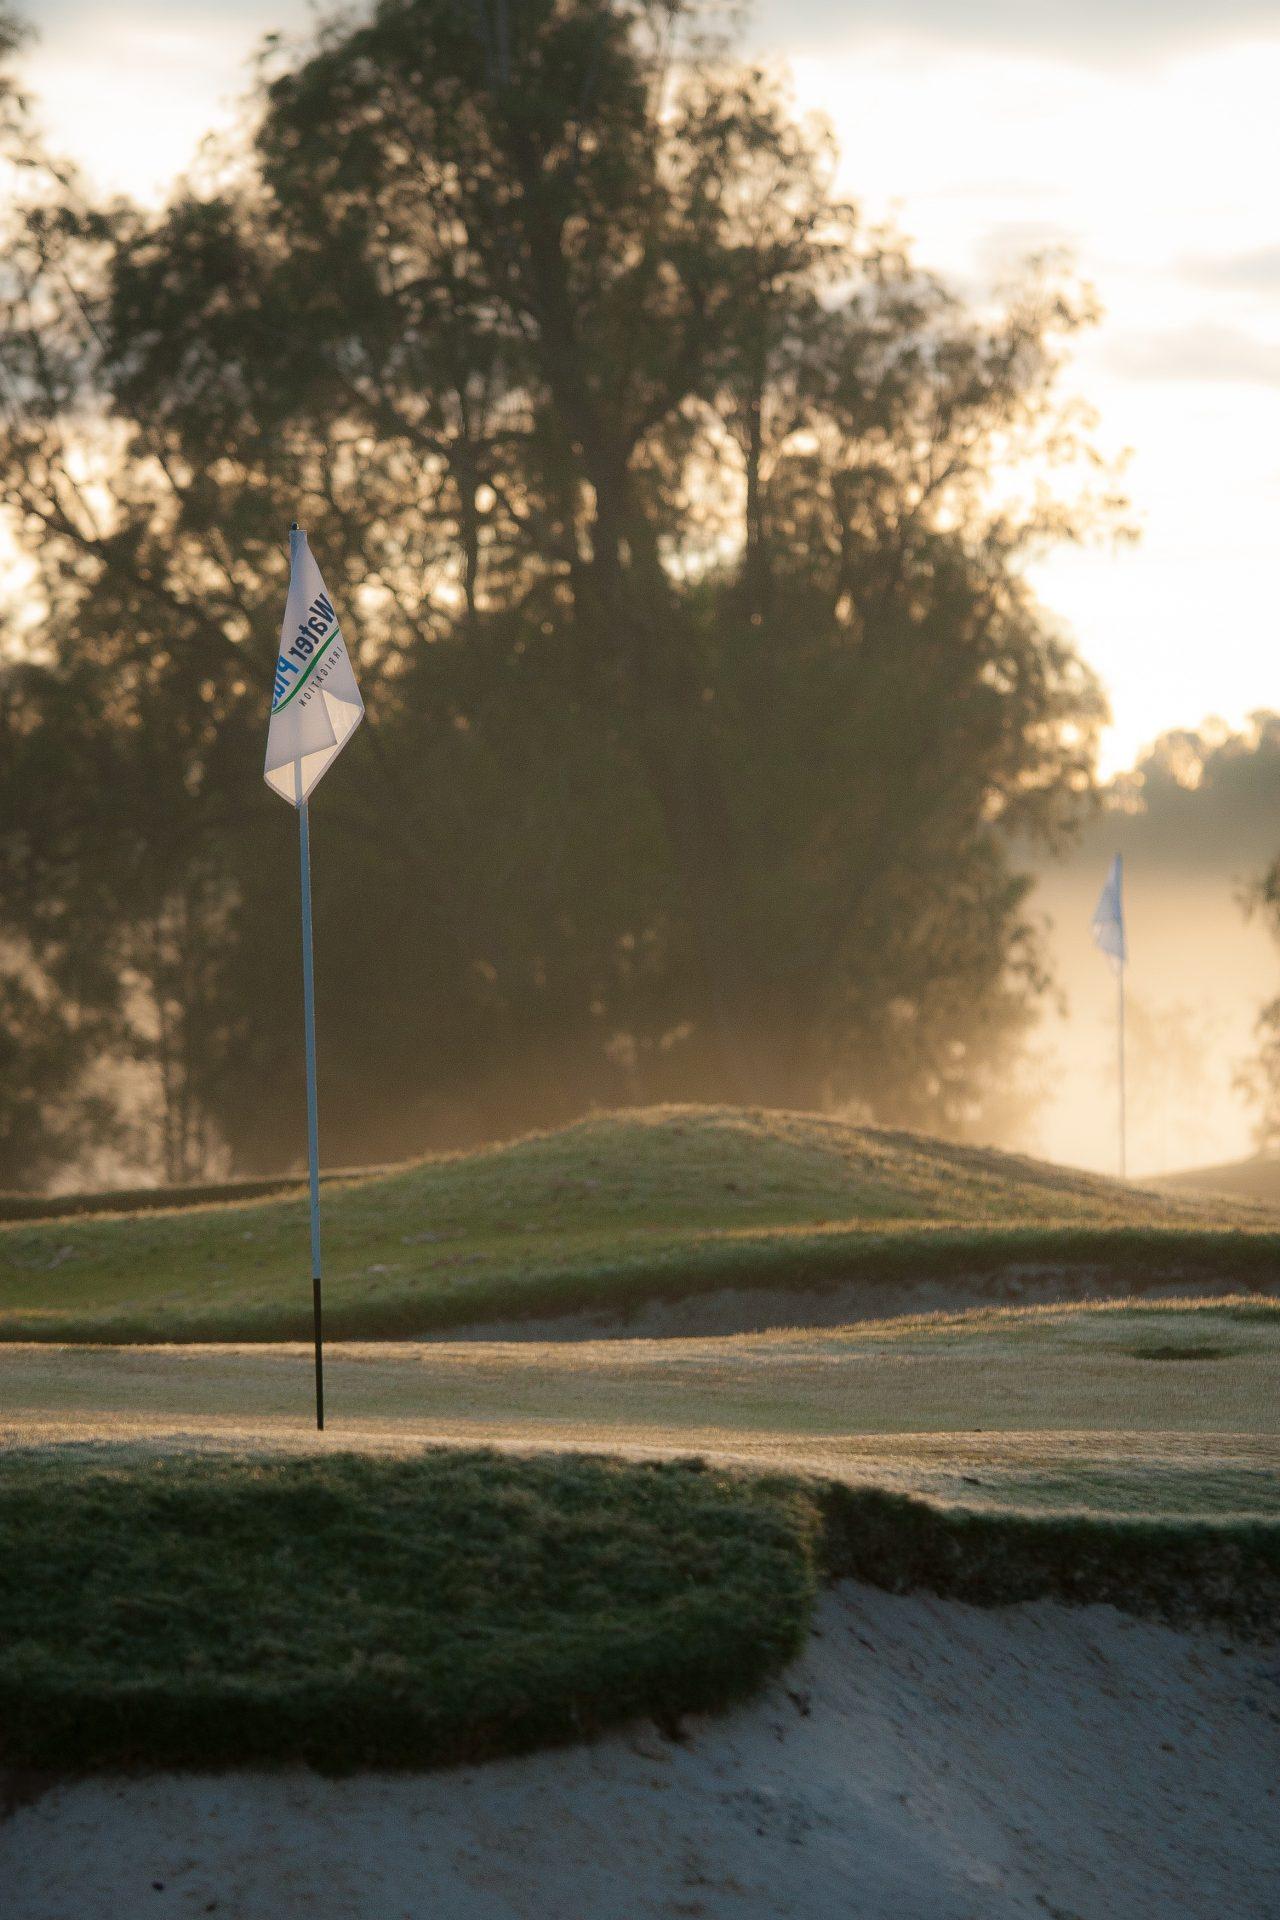 Us mens amateur golf